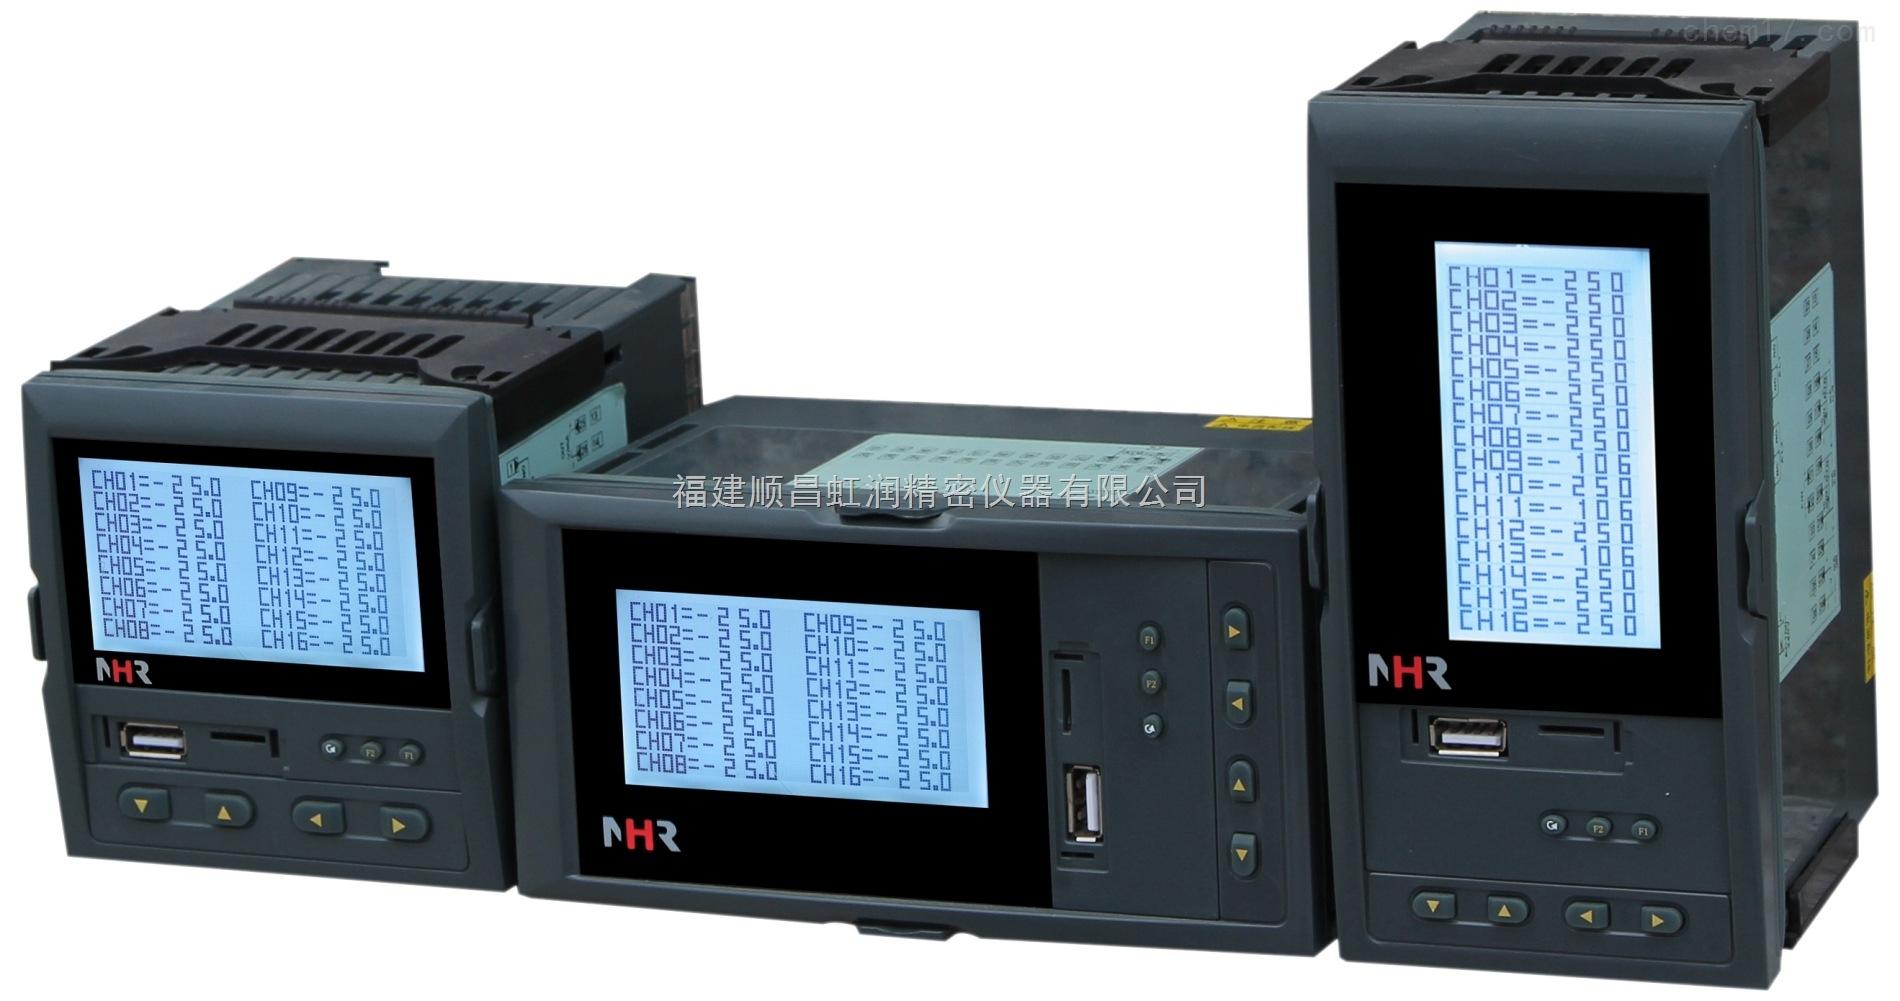 液晶多回路测量显示控制仪